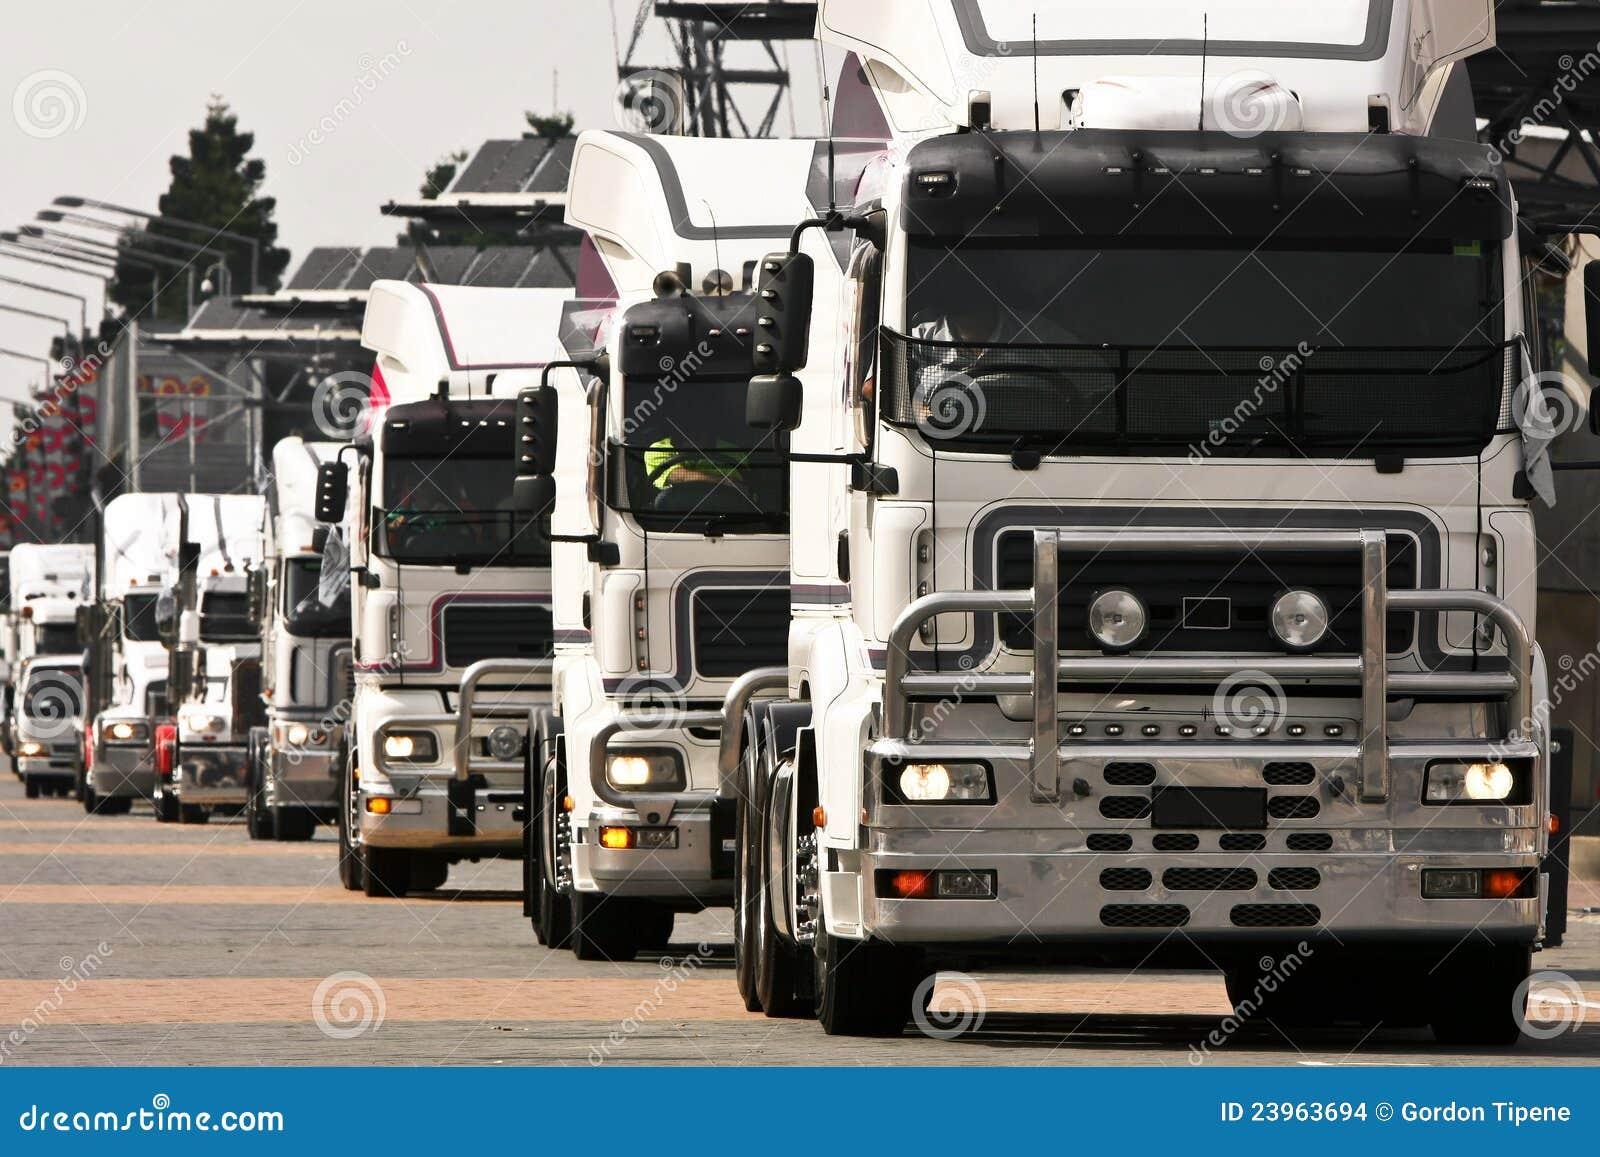 Convoy of white heavy trucks